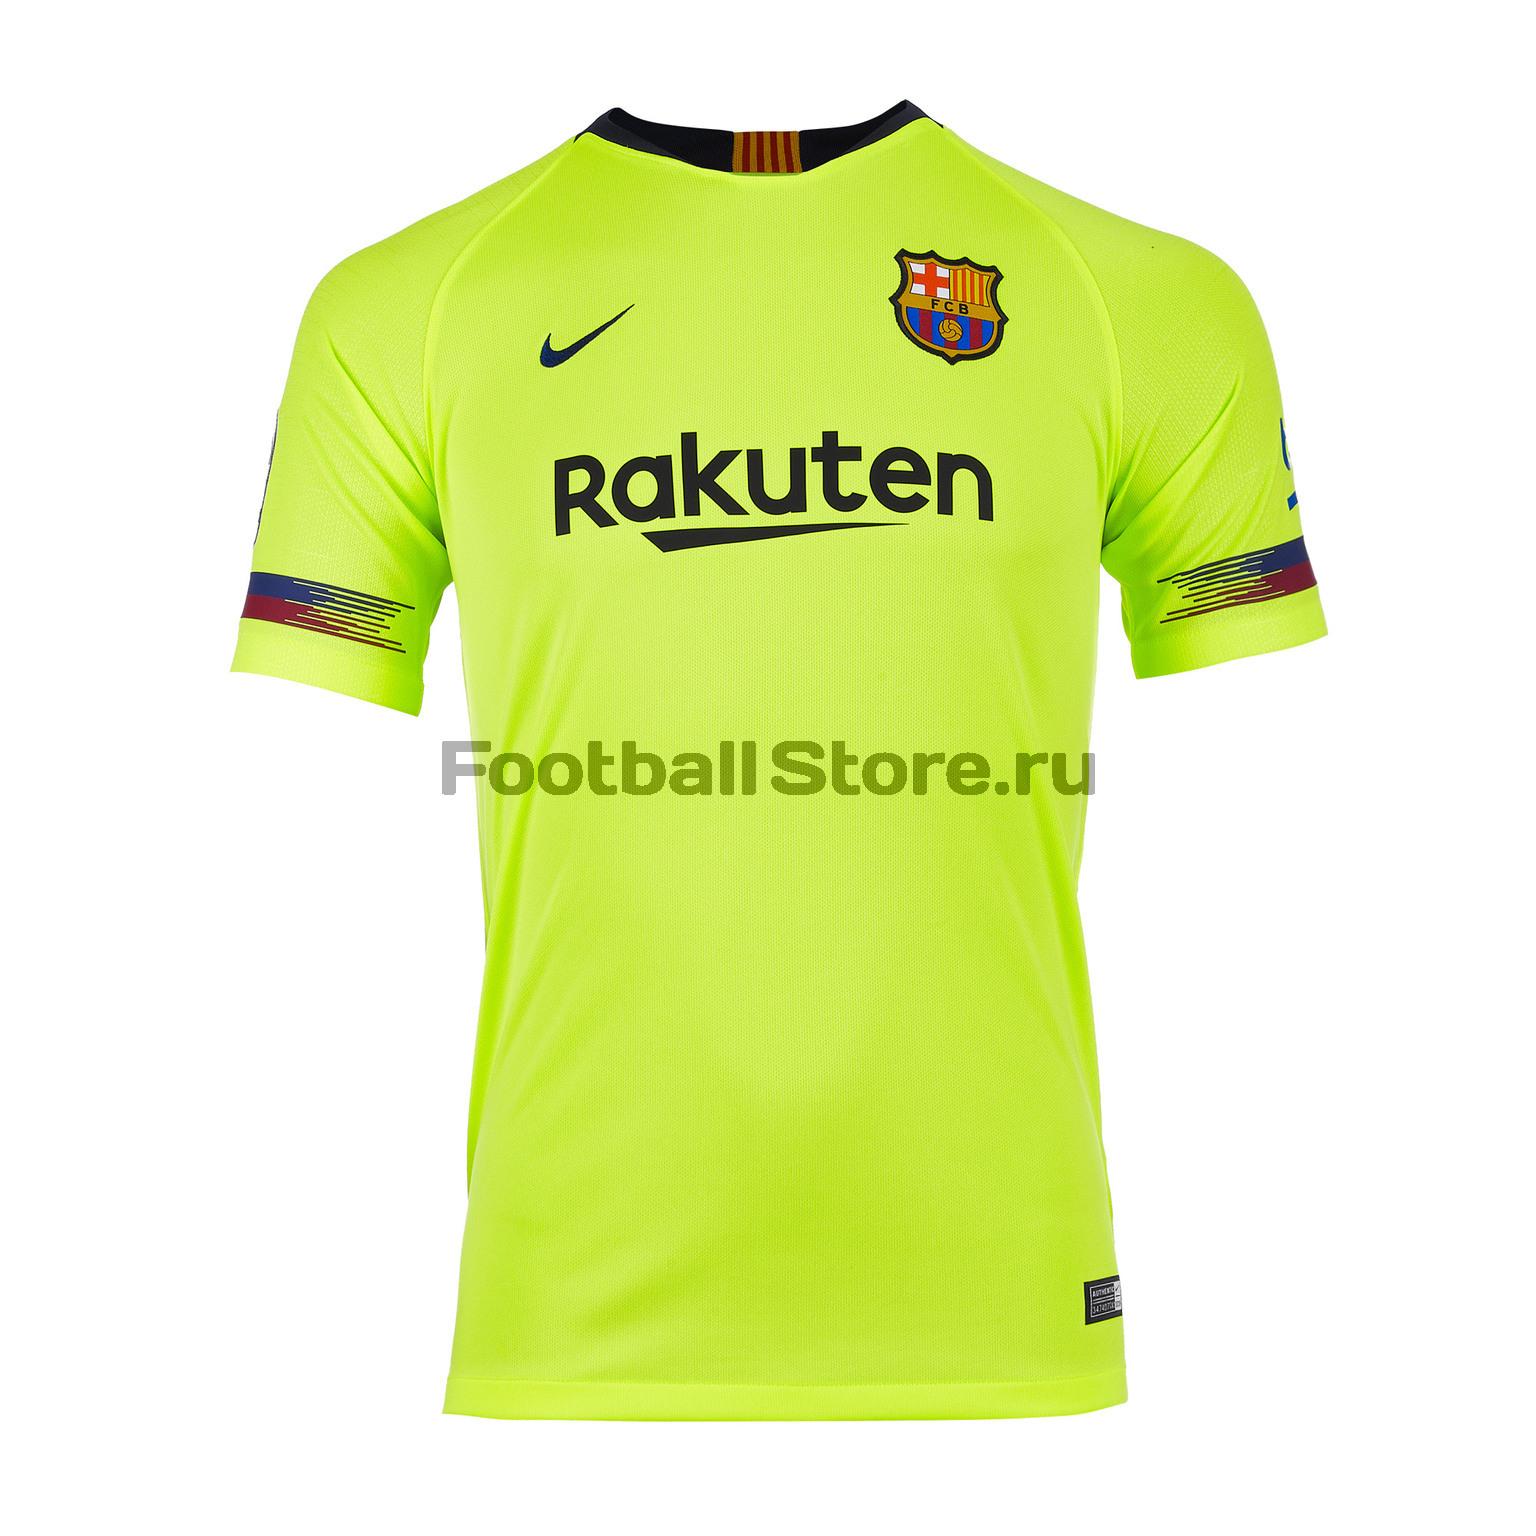 Футболка выездная подростковая Nike Barcelona Away 2018/19 цена